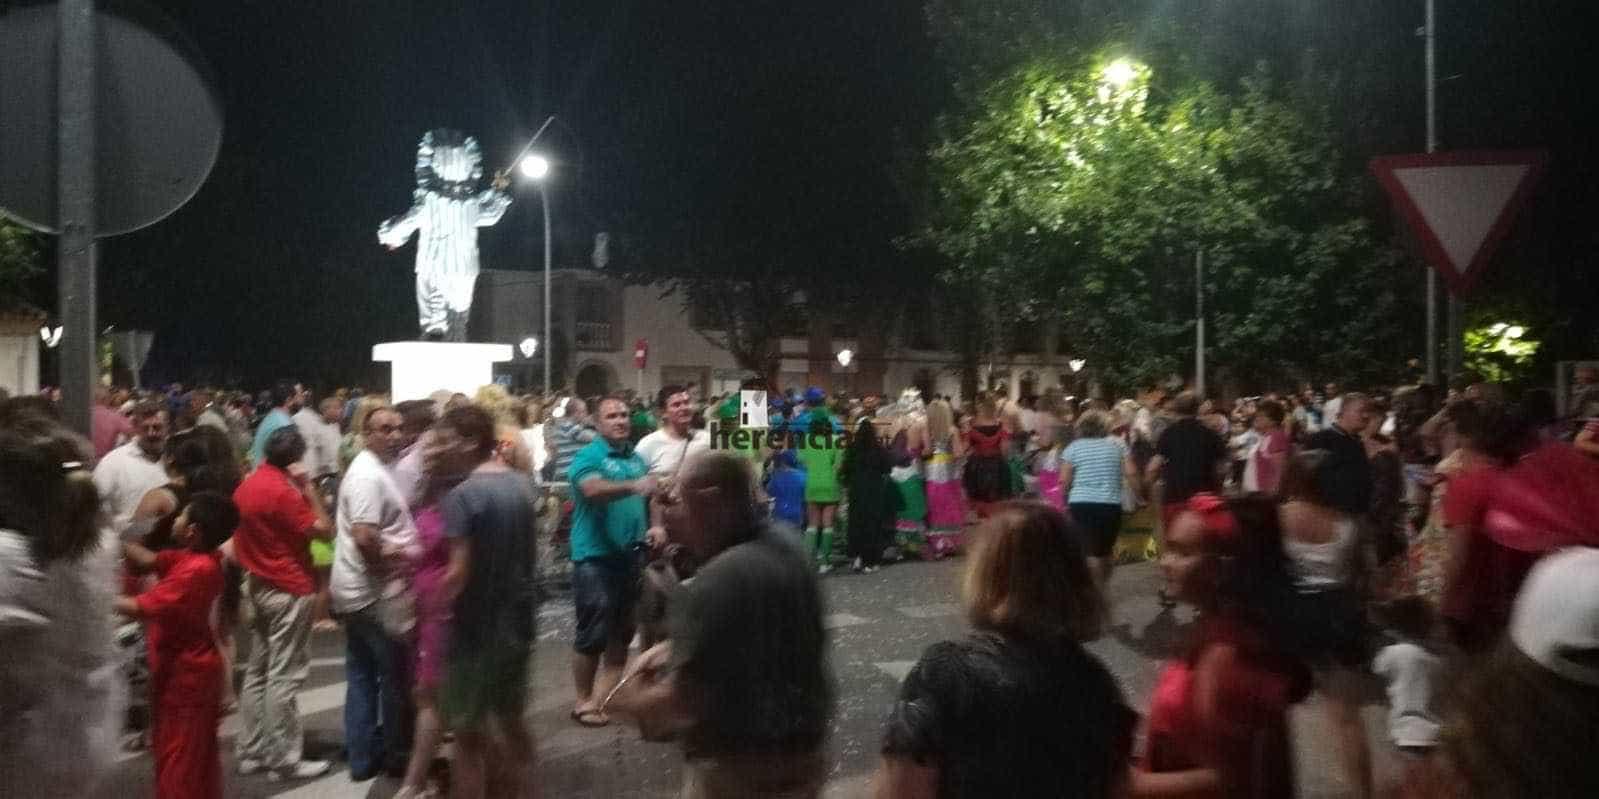 Carnaval de herencia 2019 galeria 1 - Galería de fotografías del Carnaval de Verano 2019